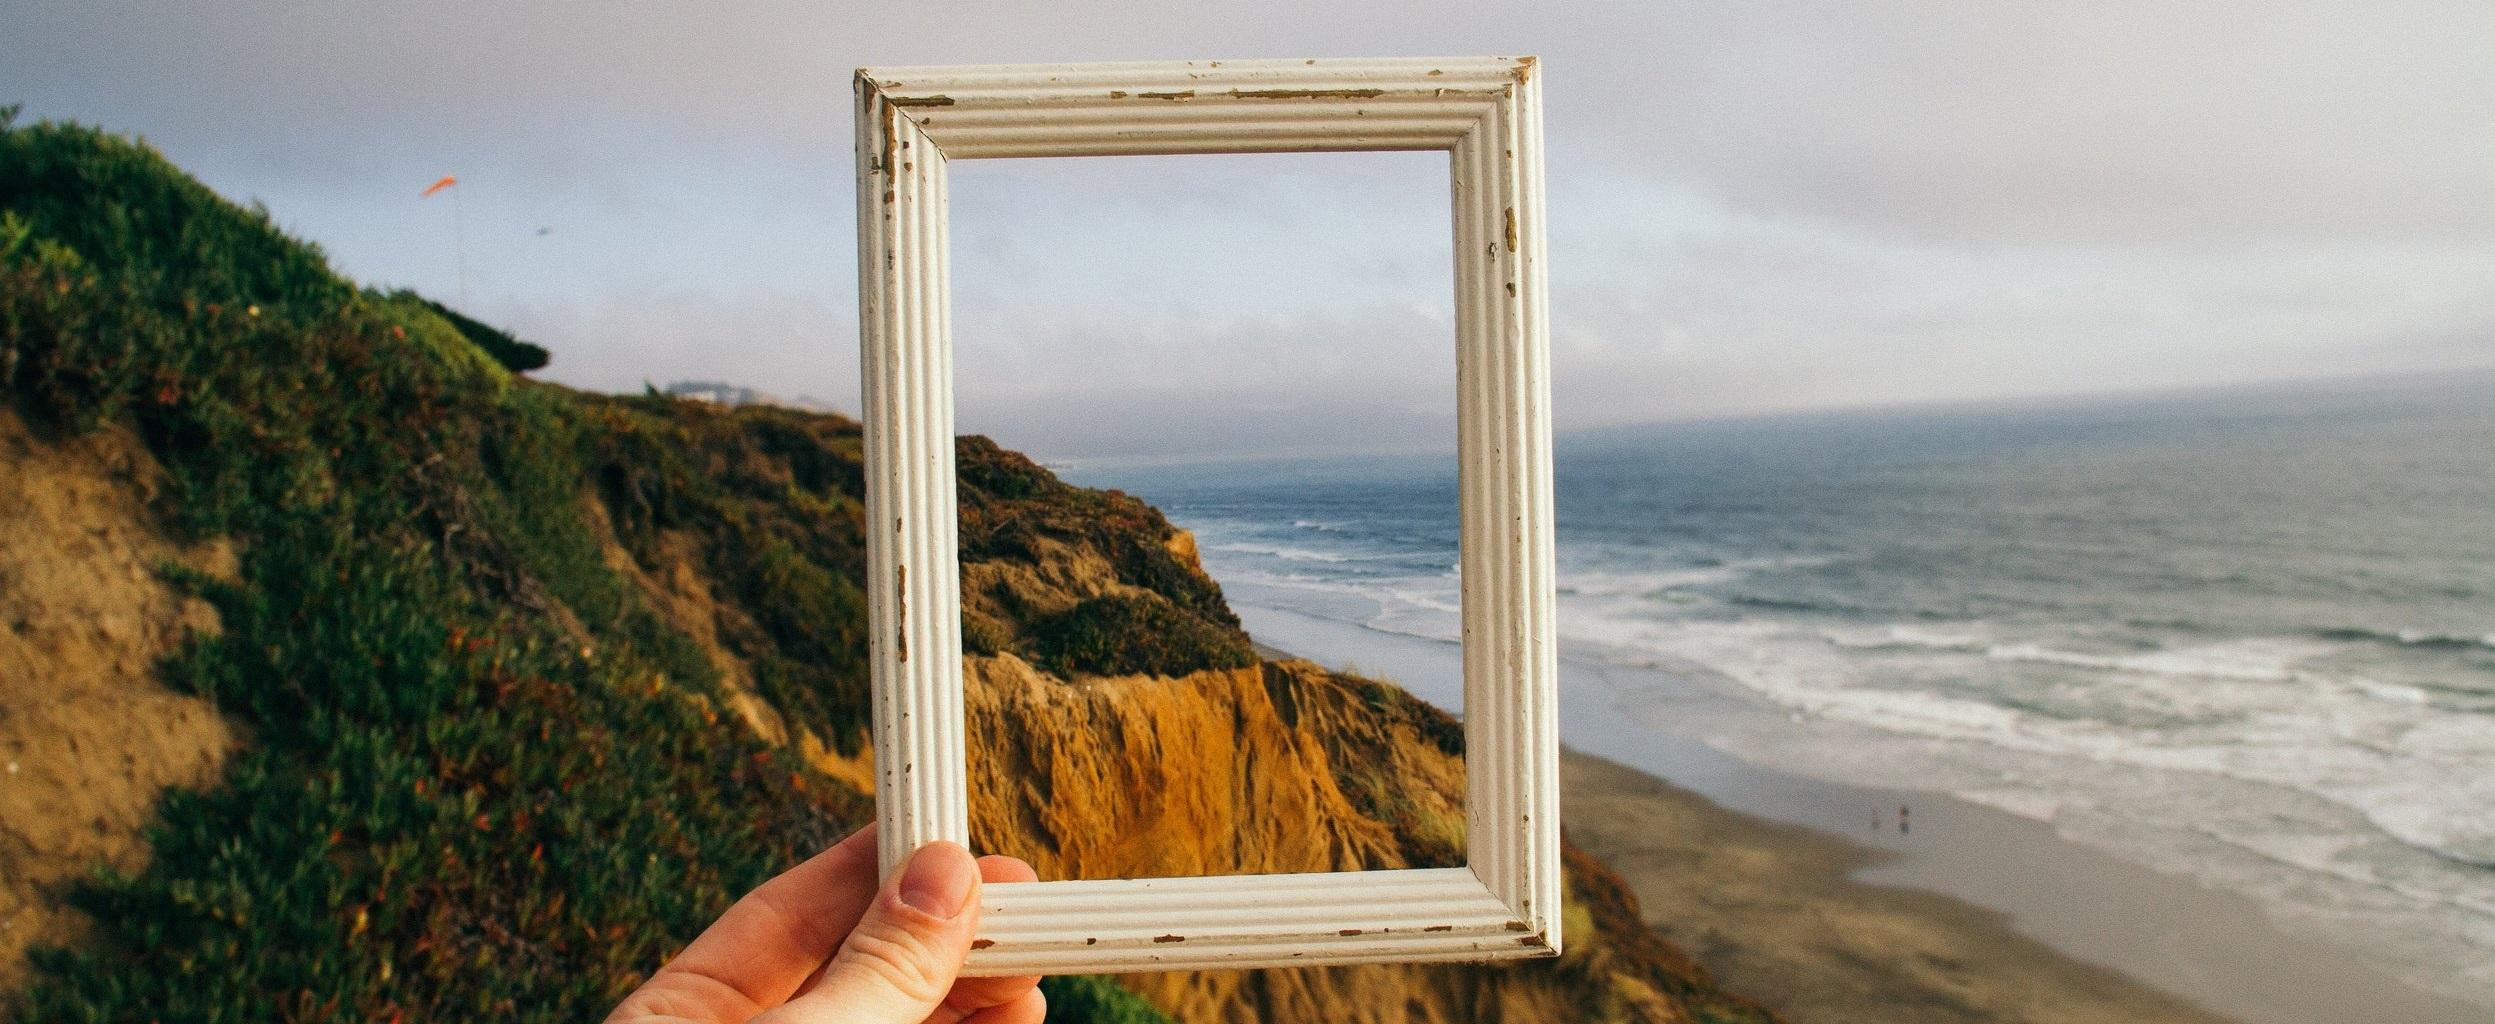 Unsplash+-+picture+frame.jpg